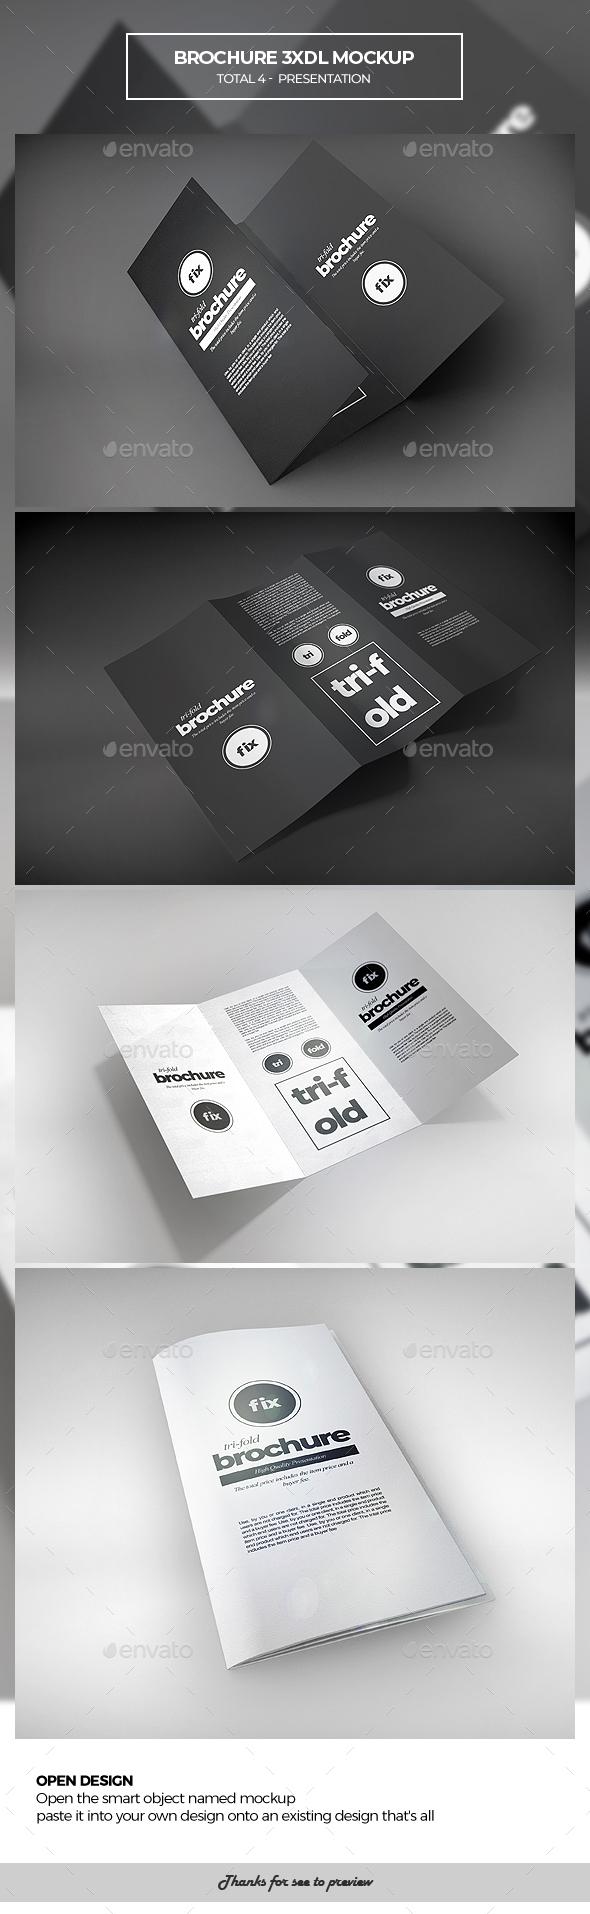 Brochure 3xDL Mockup - Brochures Print